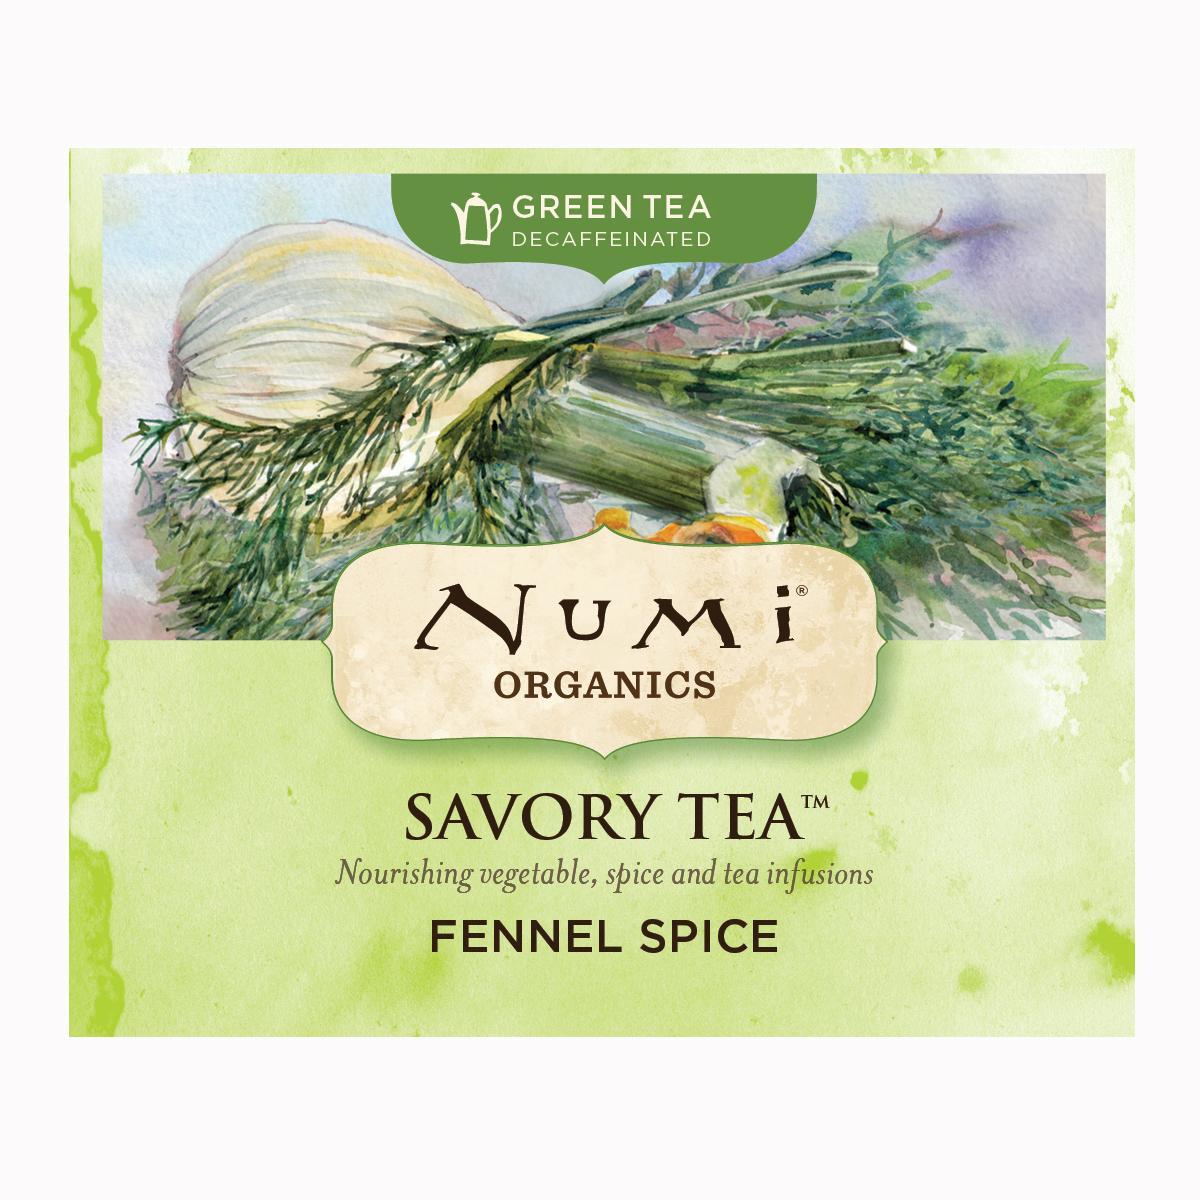 Numi Kořeněný čaj Fennel Spice, Savory Tea 1 ks, 4,2 g